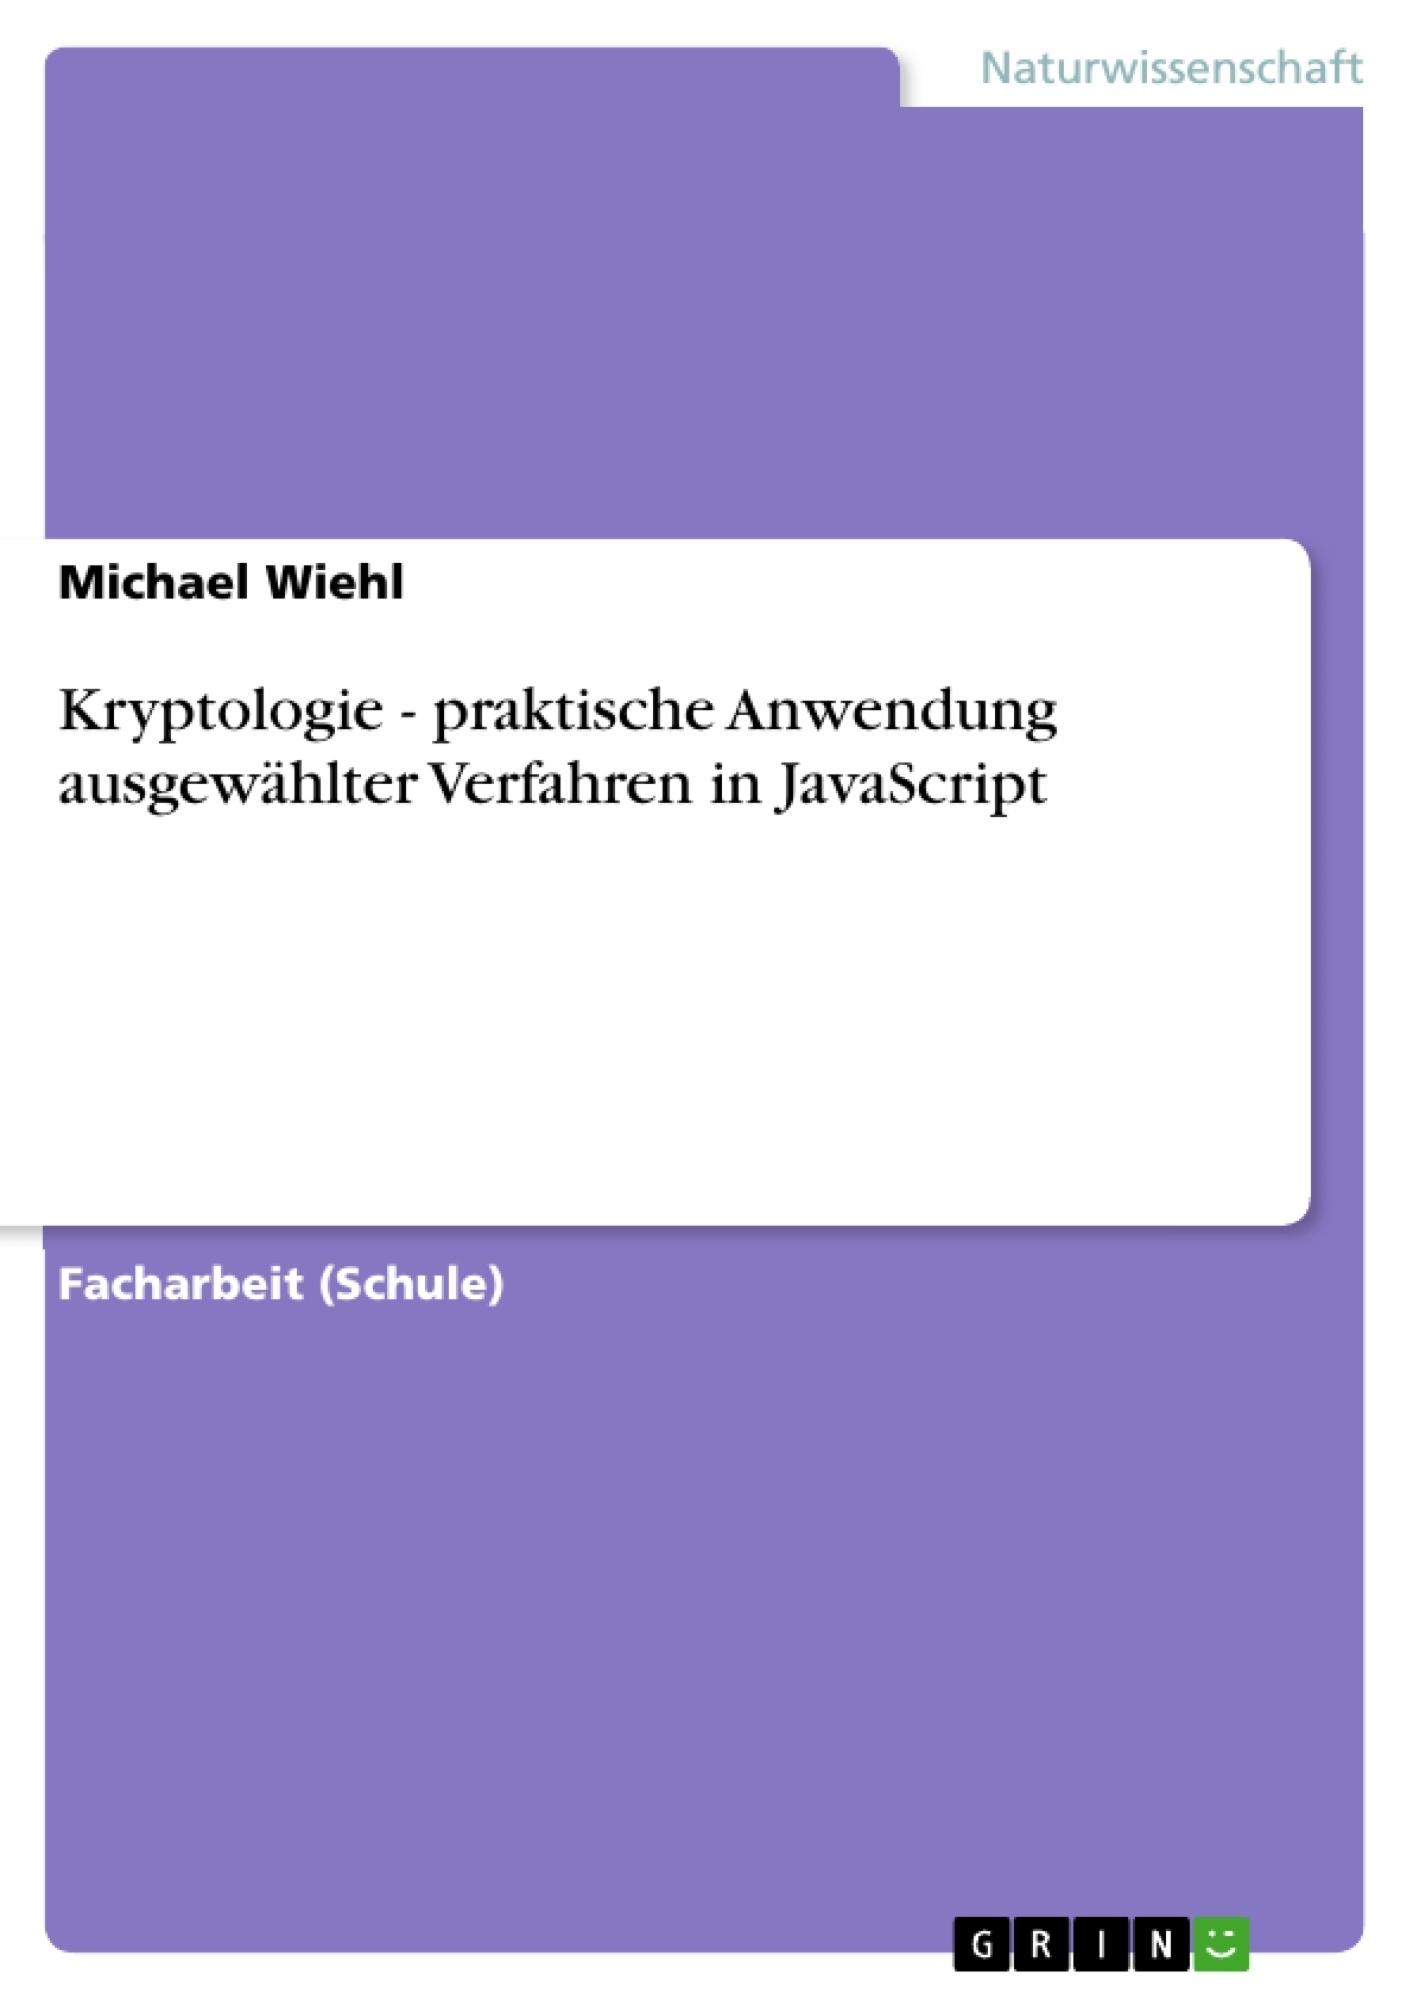 Titel: Kryptologie - praktische Anwendung ausgewählter Verfahren in JavaScript